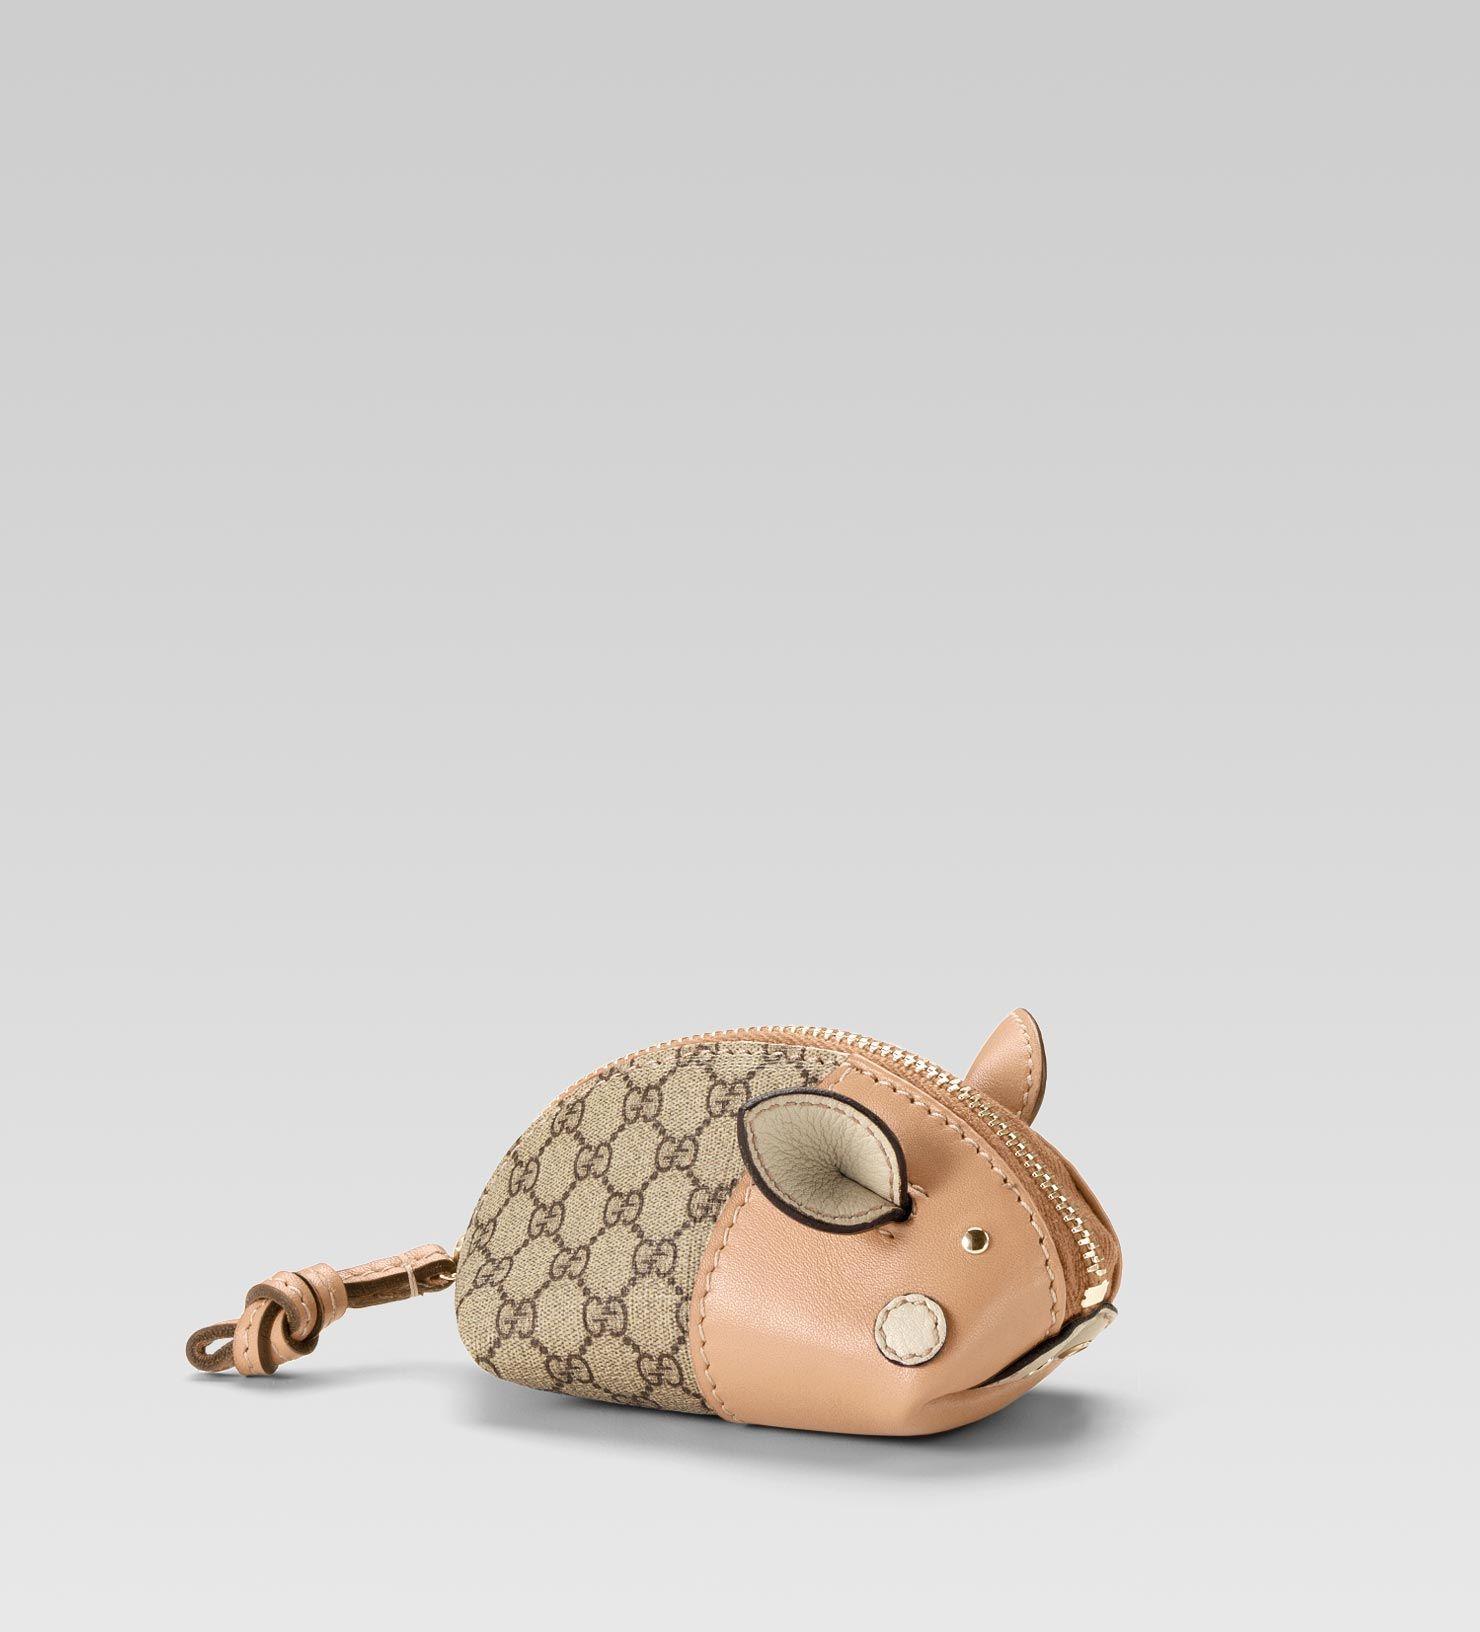 d38ffdffb28 gucci zoo small pig coin purse